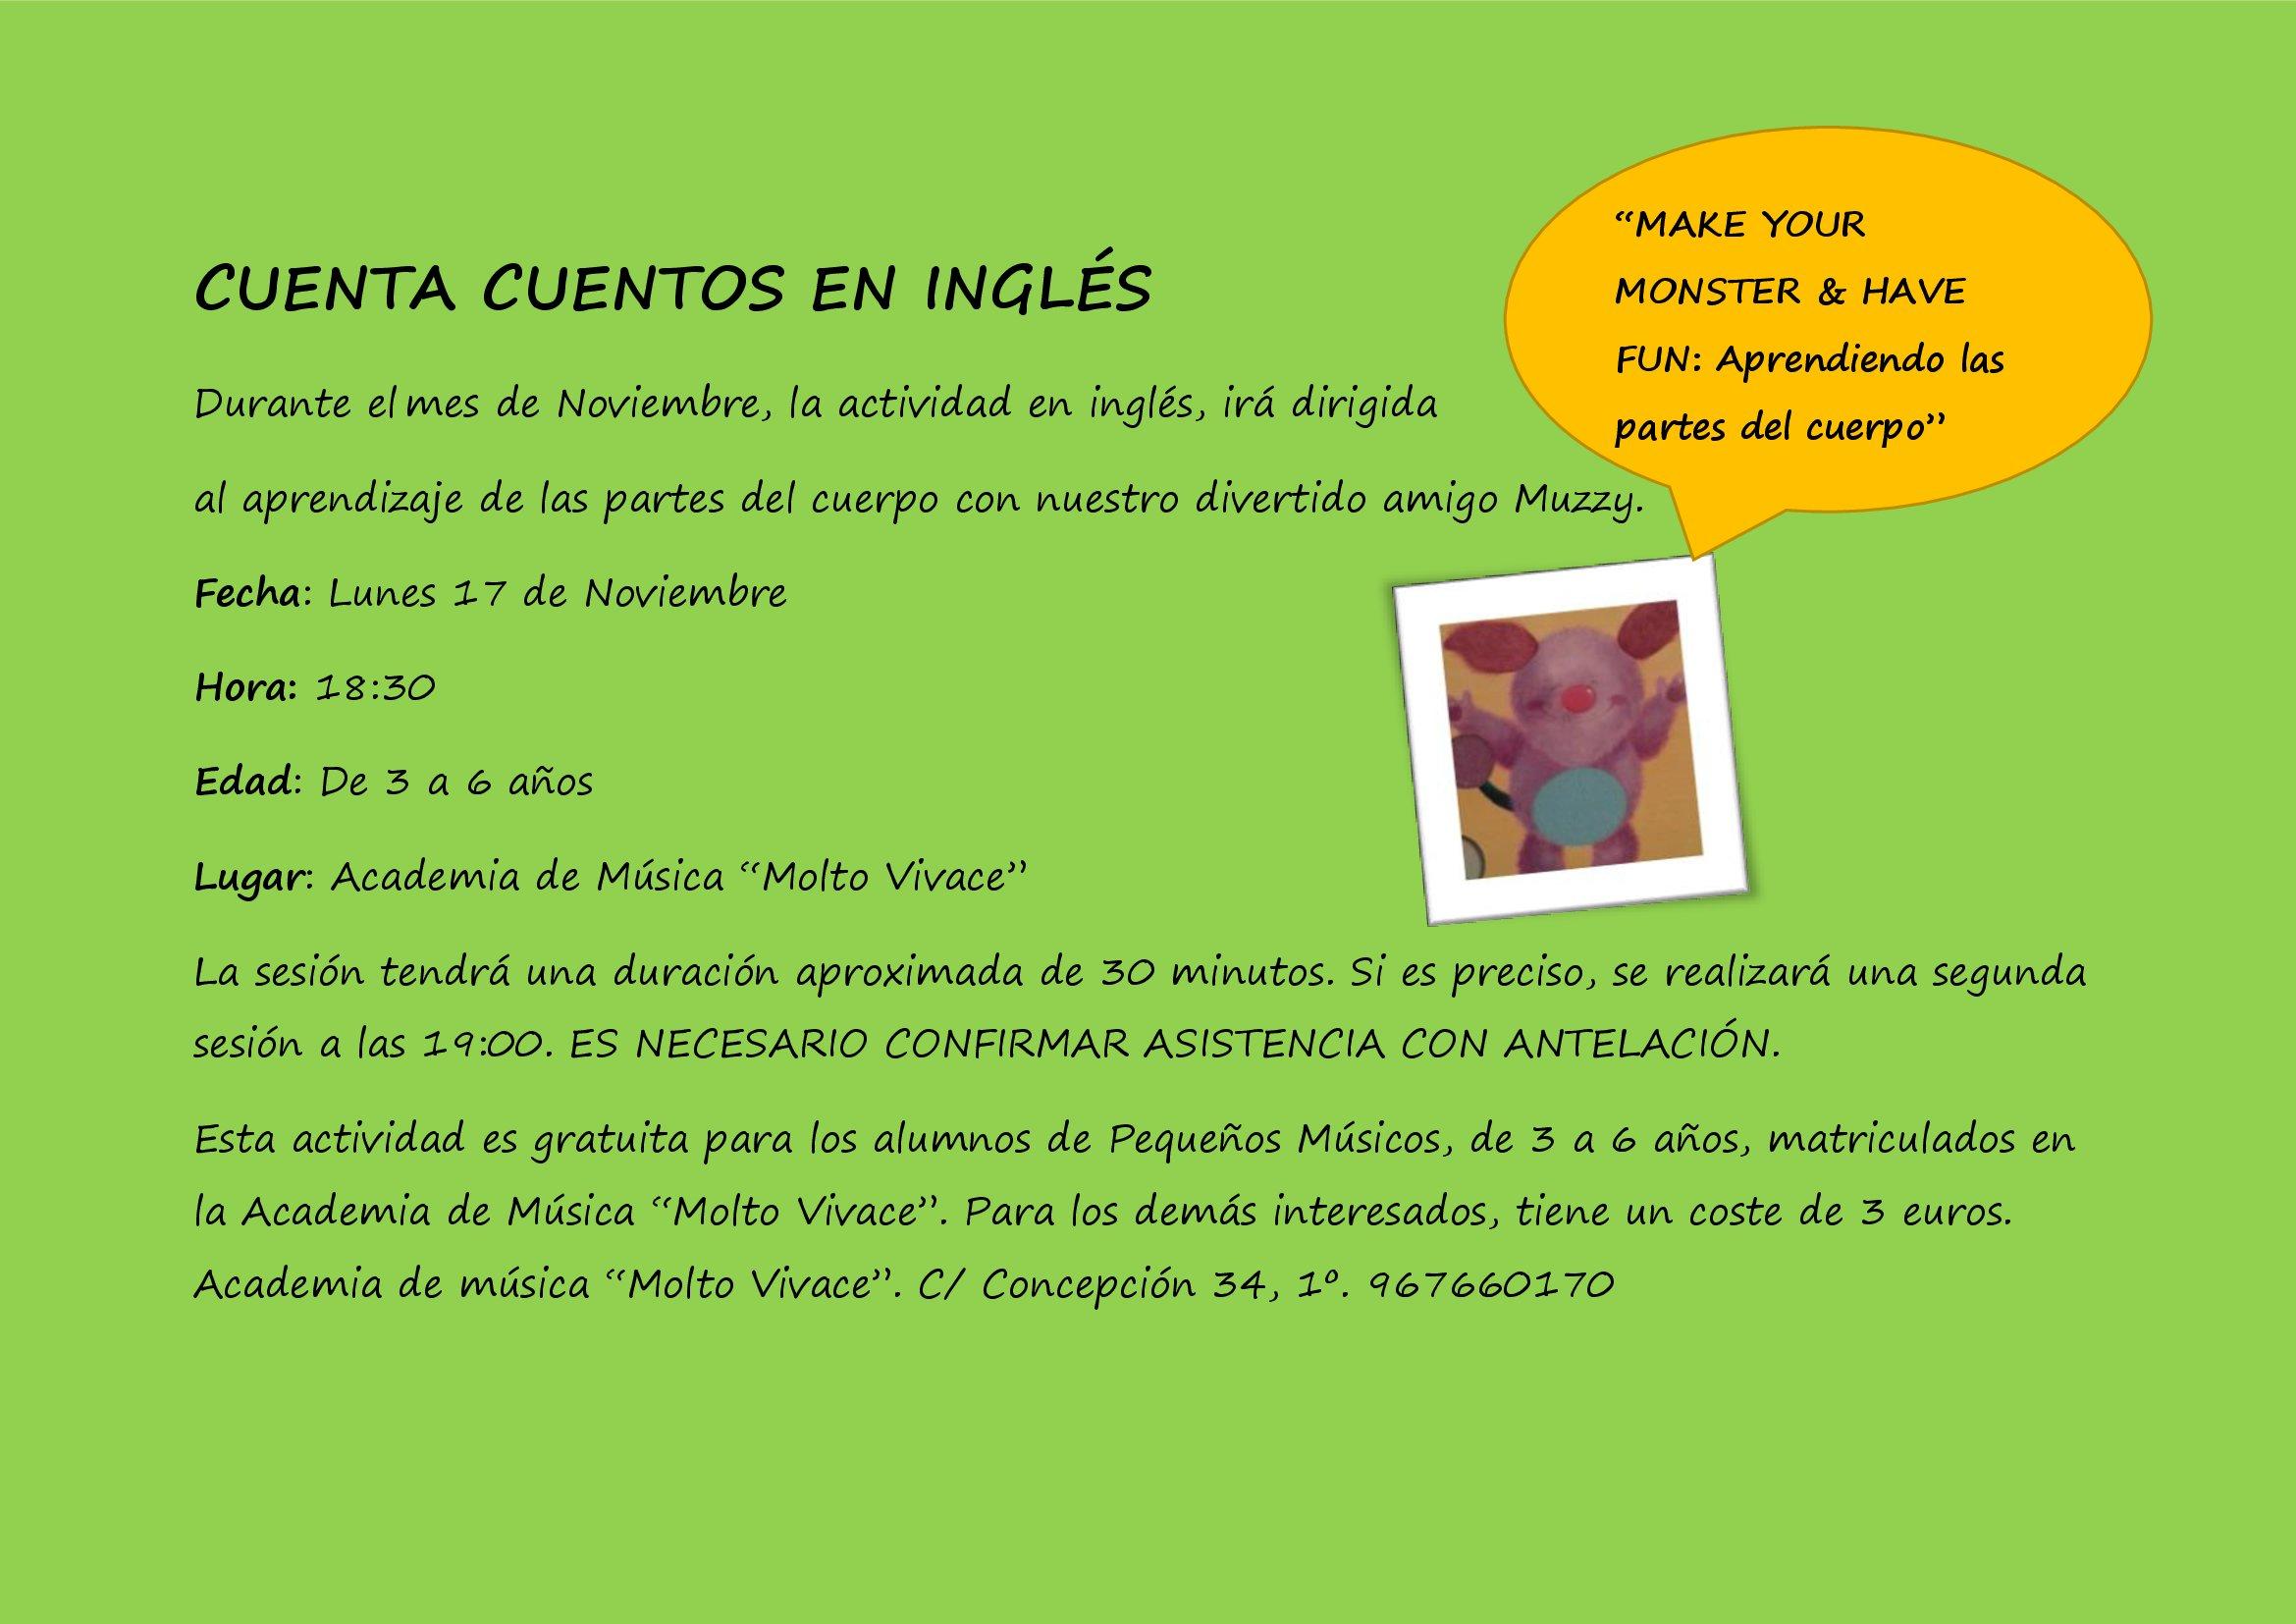 CUENTA_CUENTOS_EN_INGL_S_nov_